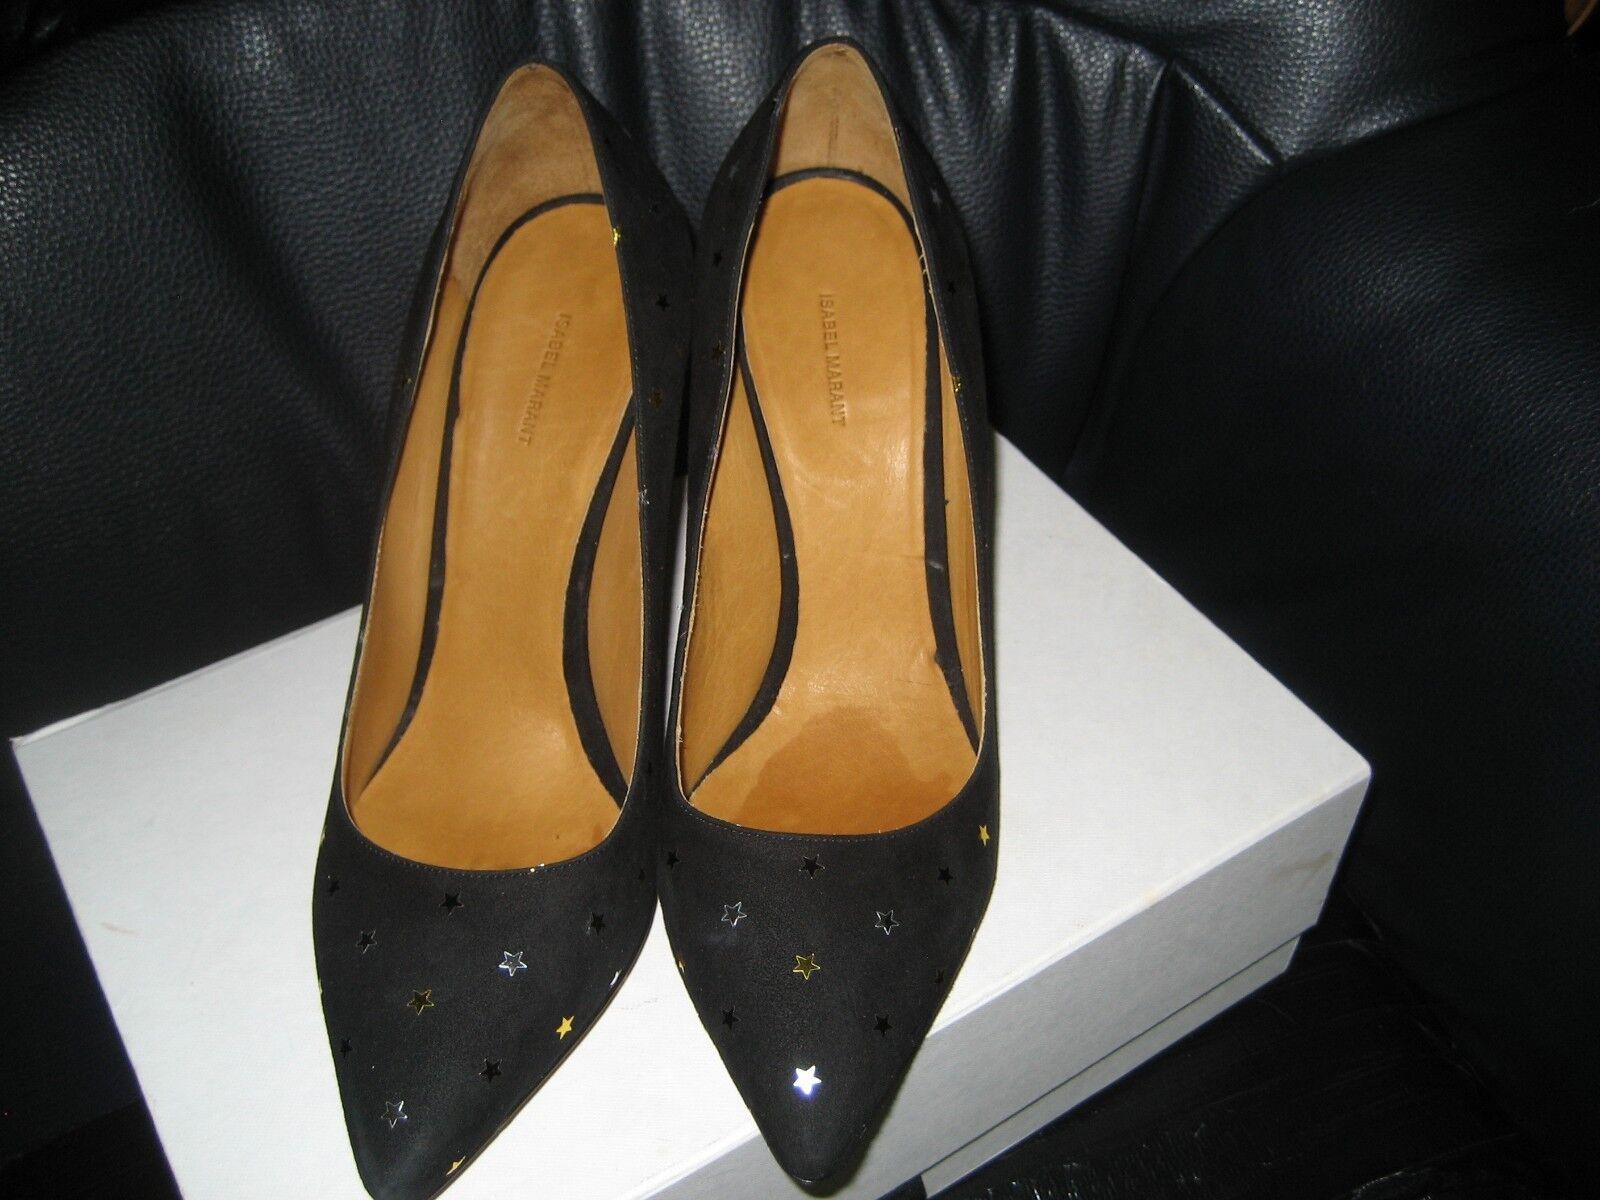 Luxus,klassische zapatos zapatos zapatos von ISABEL MARANT Gr 39 MUST HAVE Top Zustand  soporte minorista mayorista